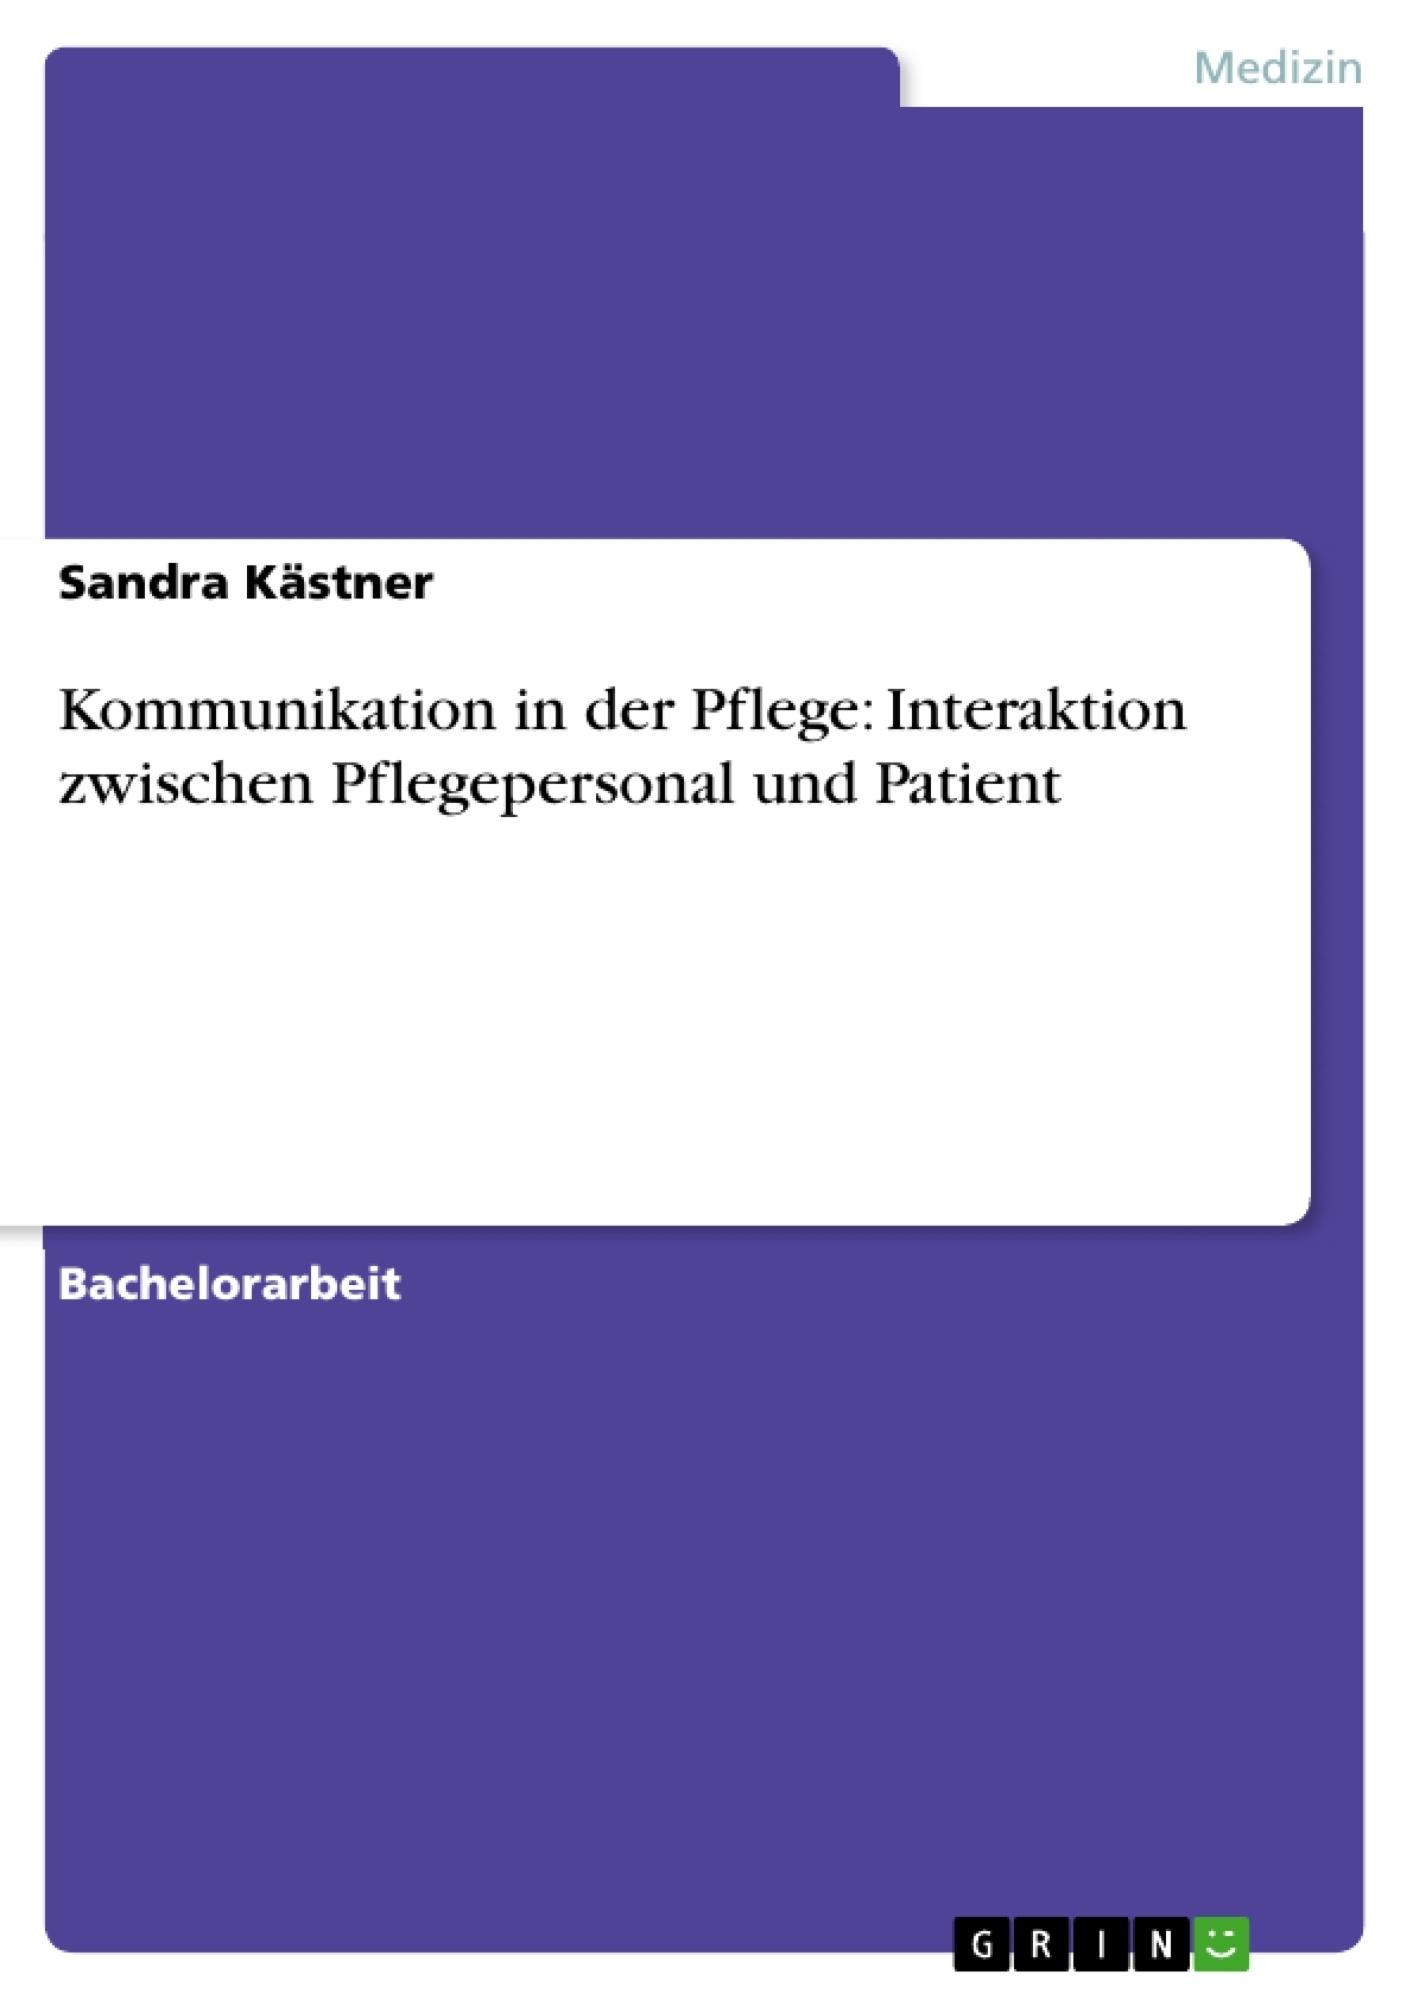 Titel: Kommunikation in der Pflege: Interaktion zwischen Pflegepersonal und Patient